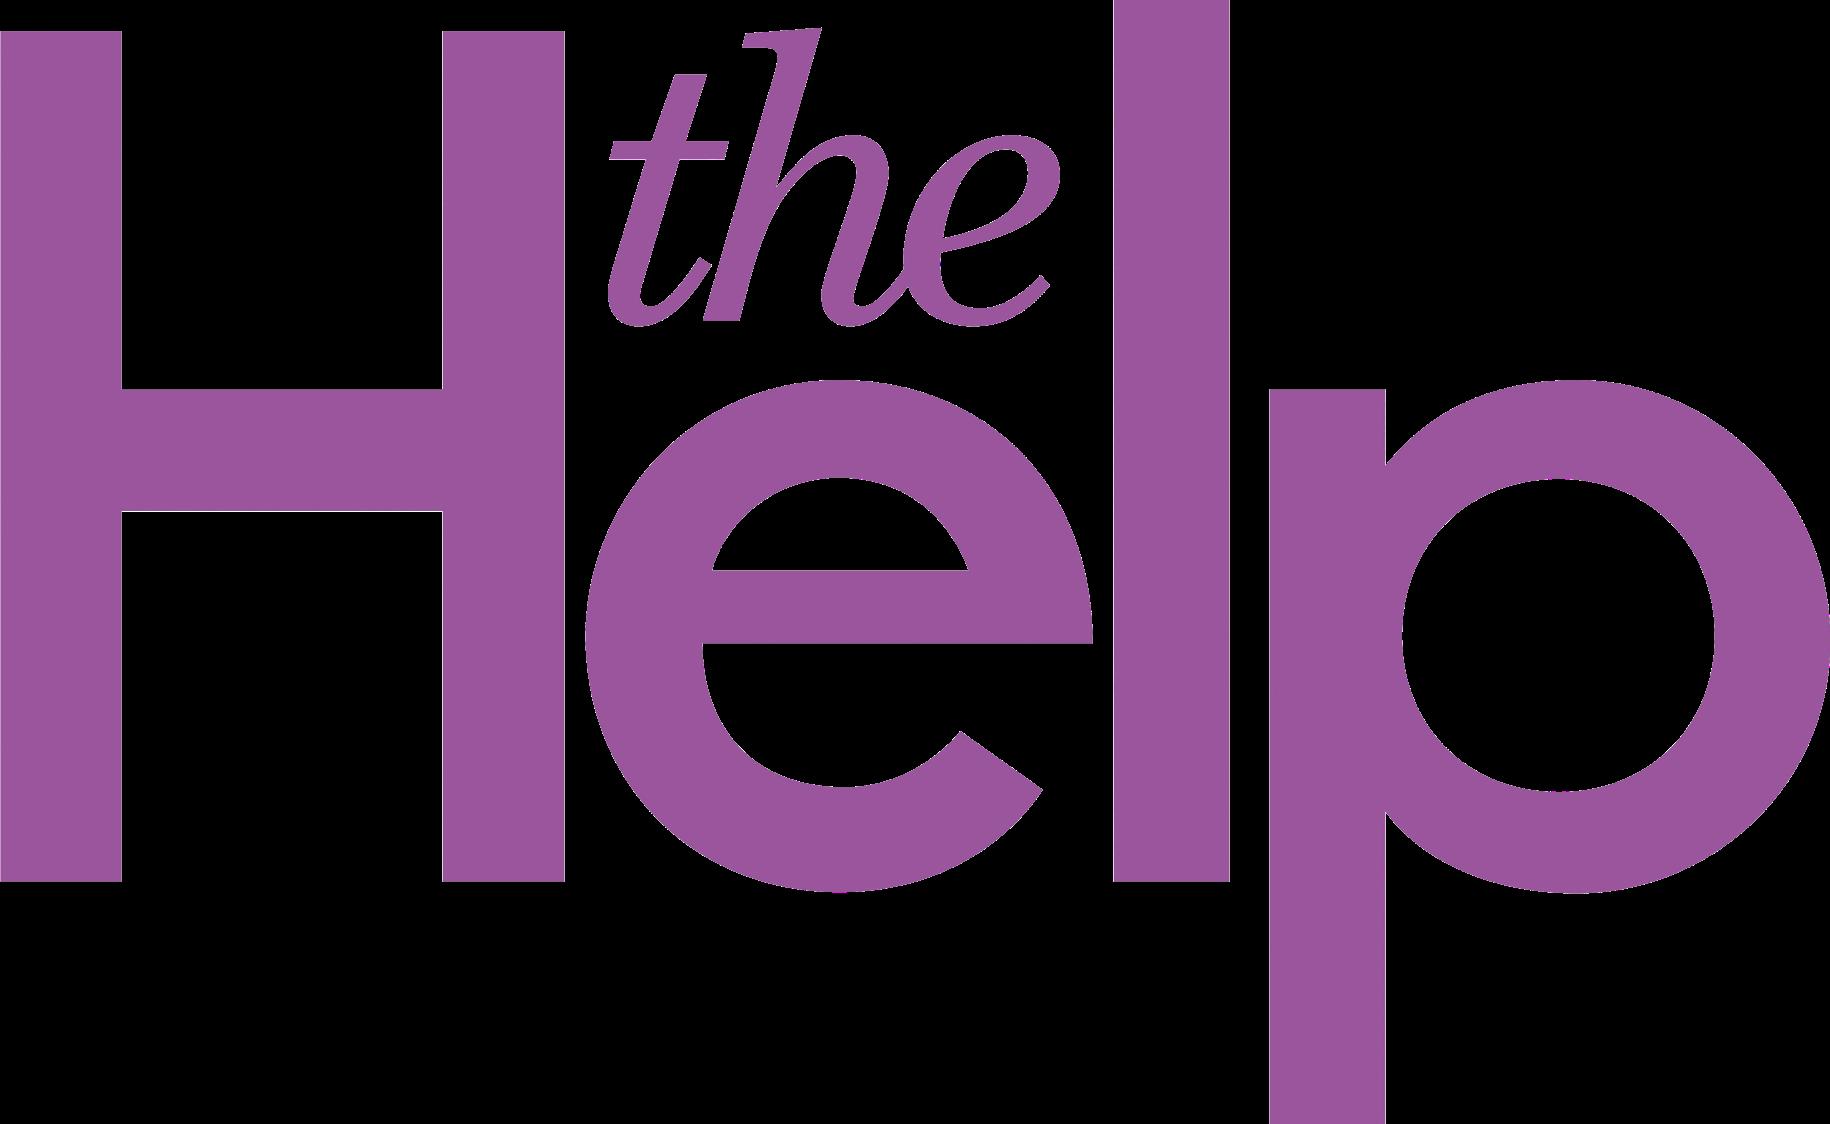 ヘルプ 心がつなぐストーリー wikipedia